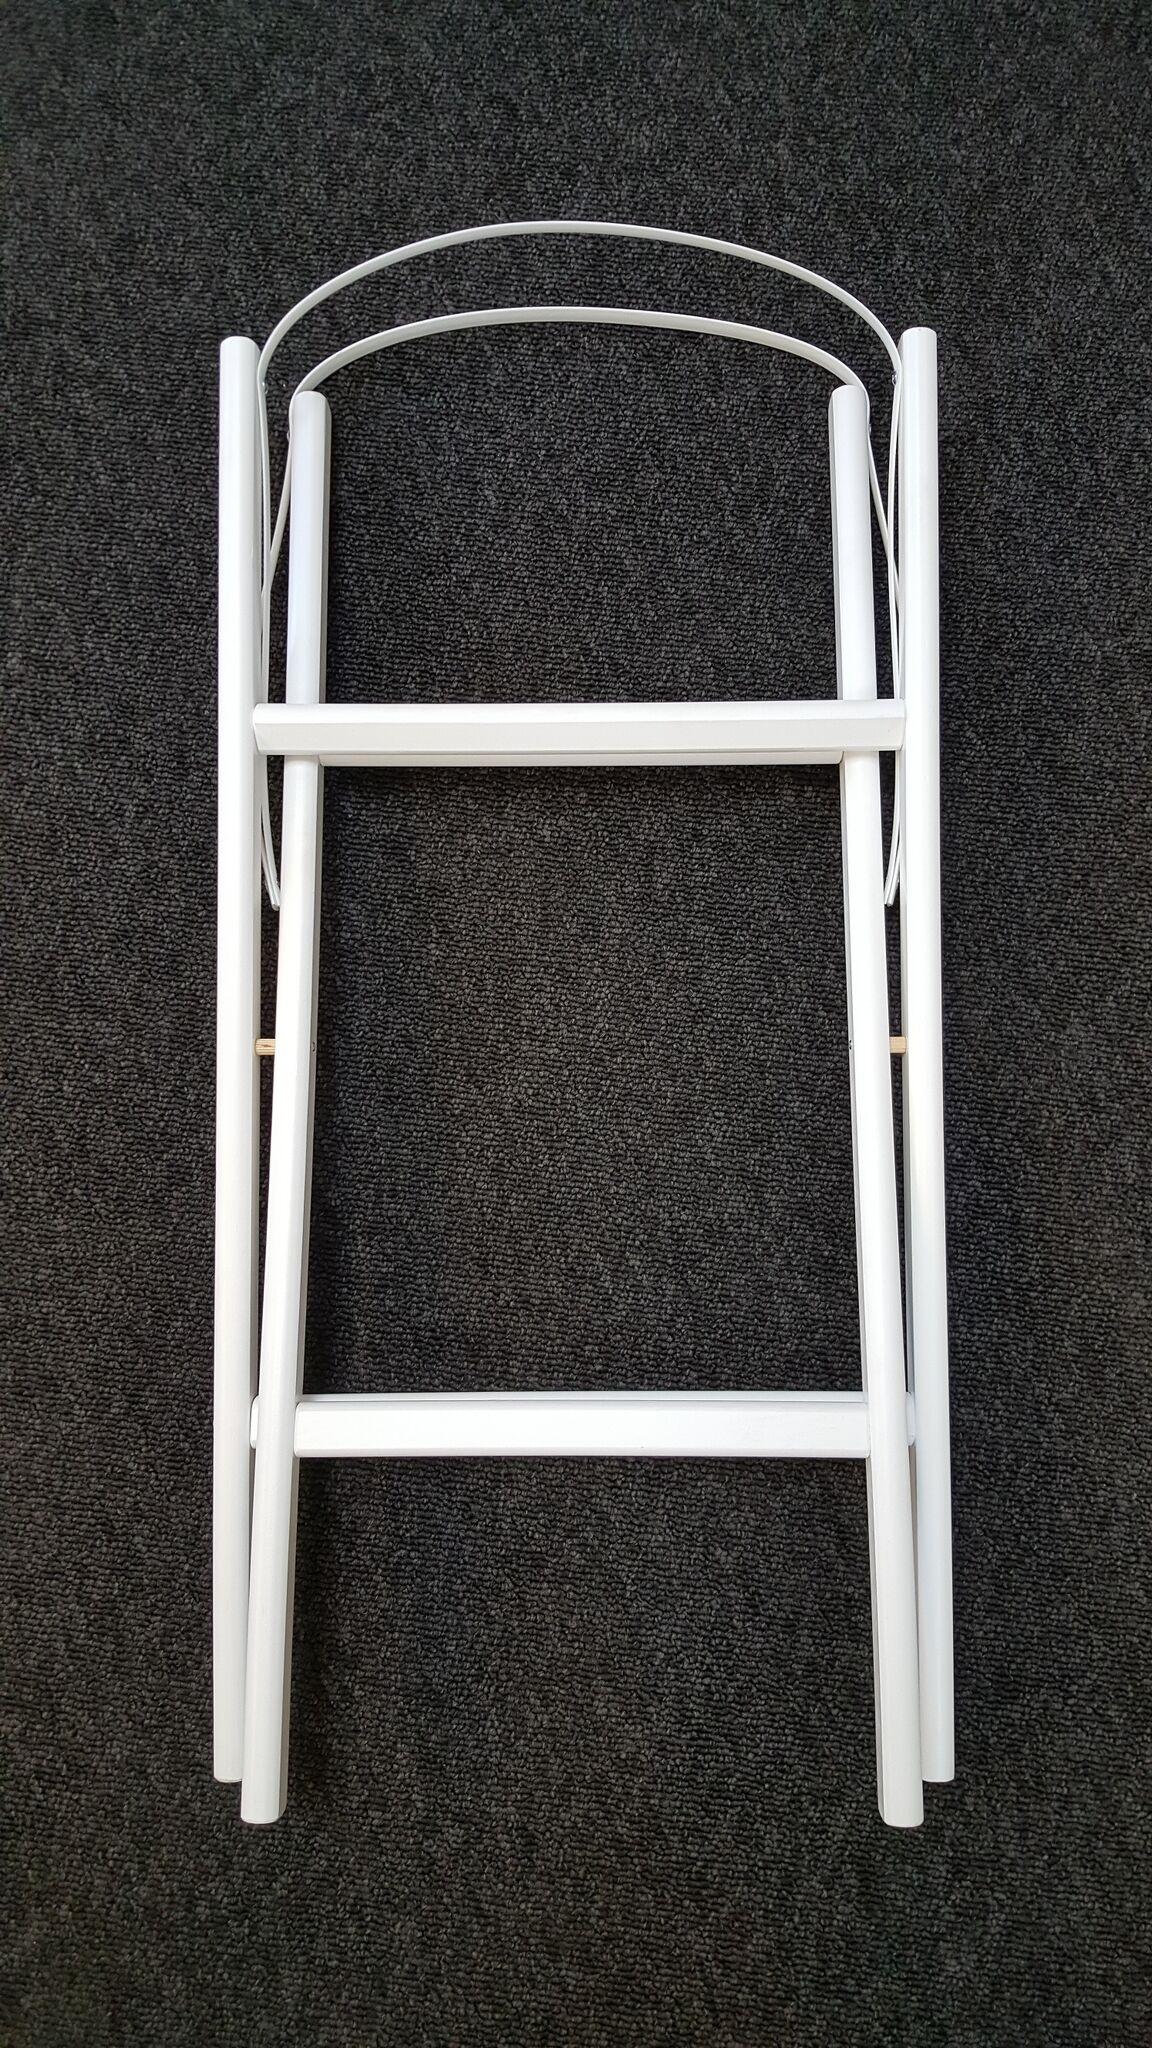 vugge stativ til lift Babytrold Stativ til Barnevogn, Lift og Babykurv   Vugger  vugge stativ til lift